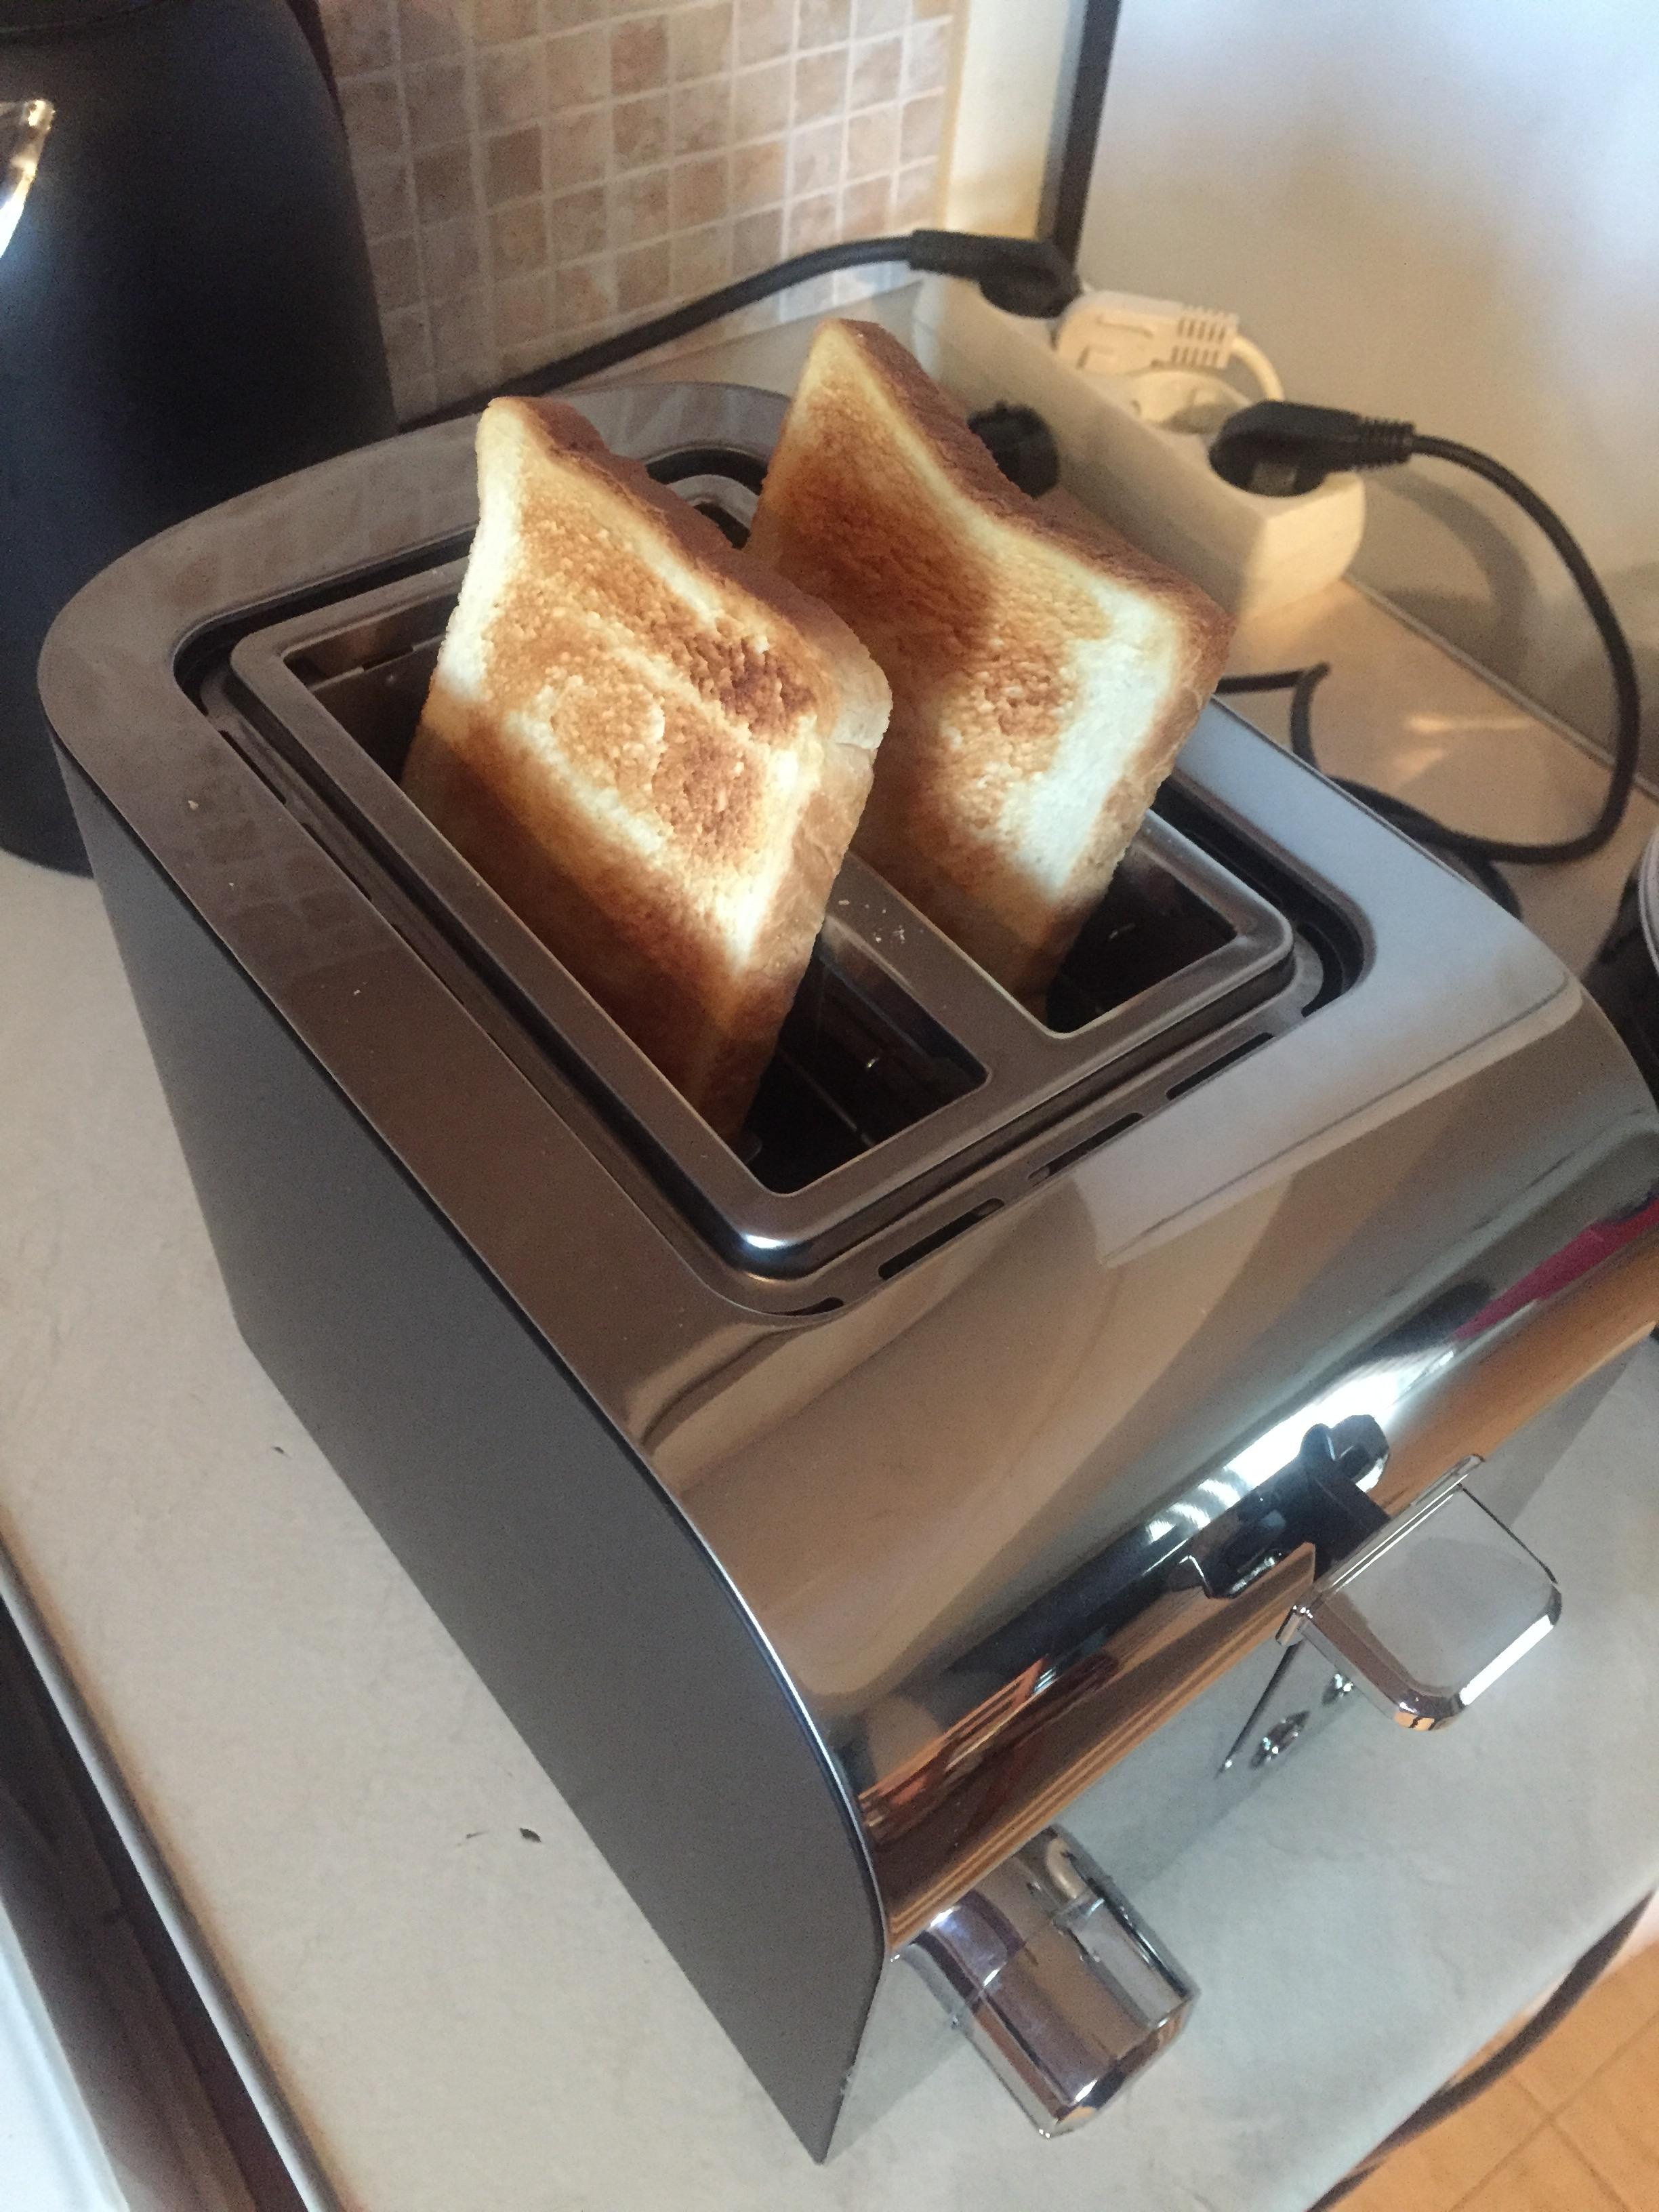 Σήμερα φτιάξαμε το πιο ωραίο πρωινό!